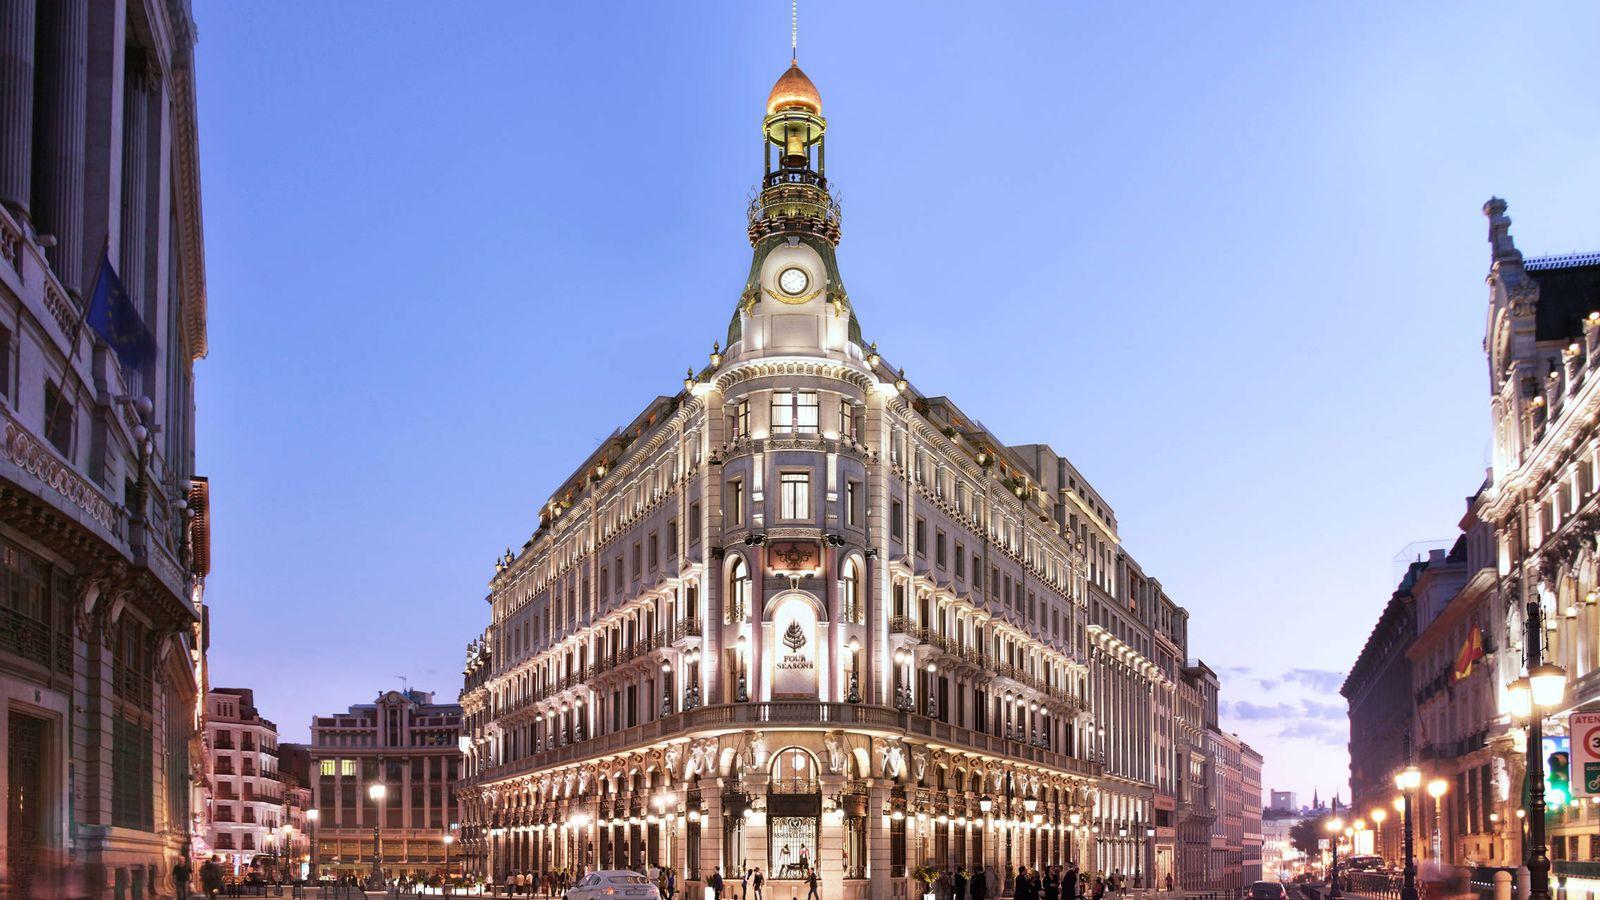 La que se avecina: los futuros hoteles de lujo en Madrid subirán los  alquileres comerciales